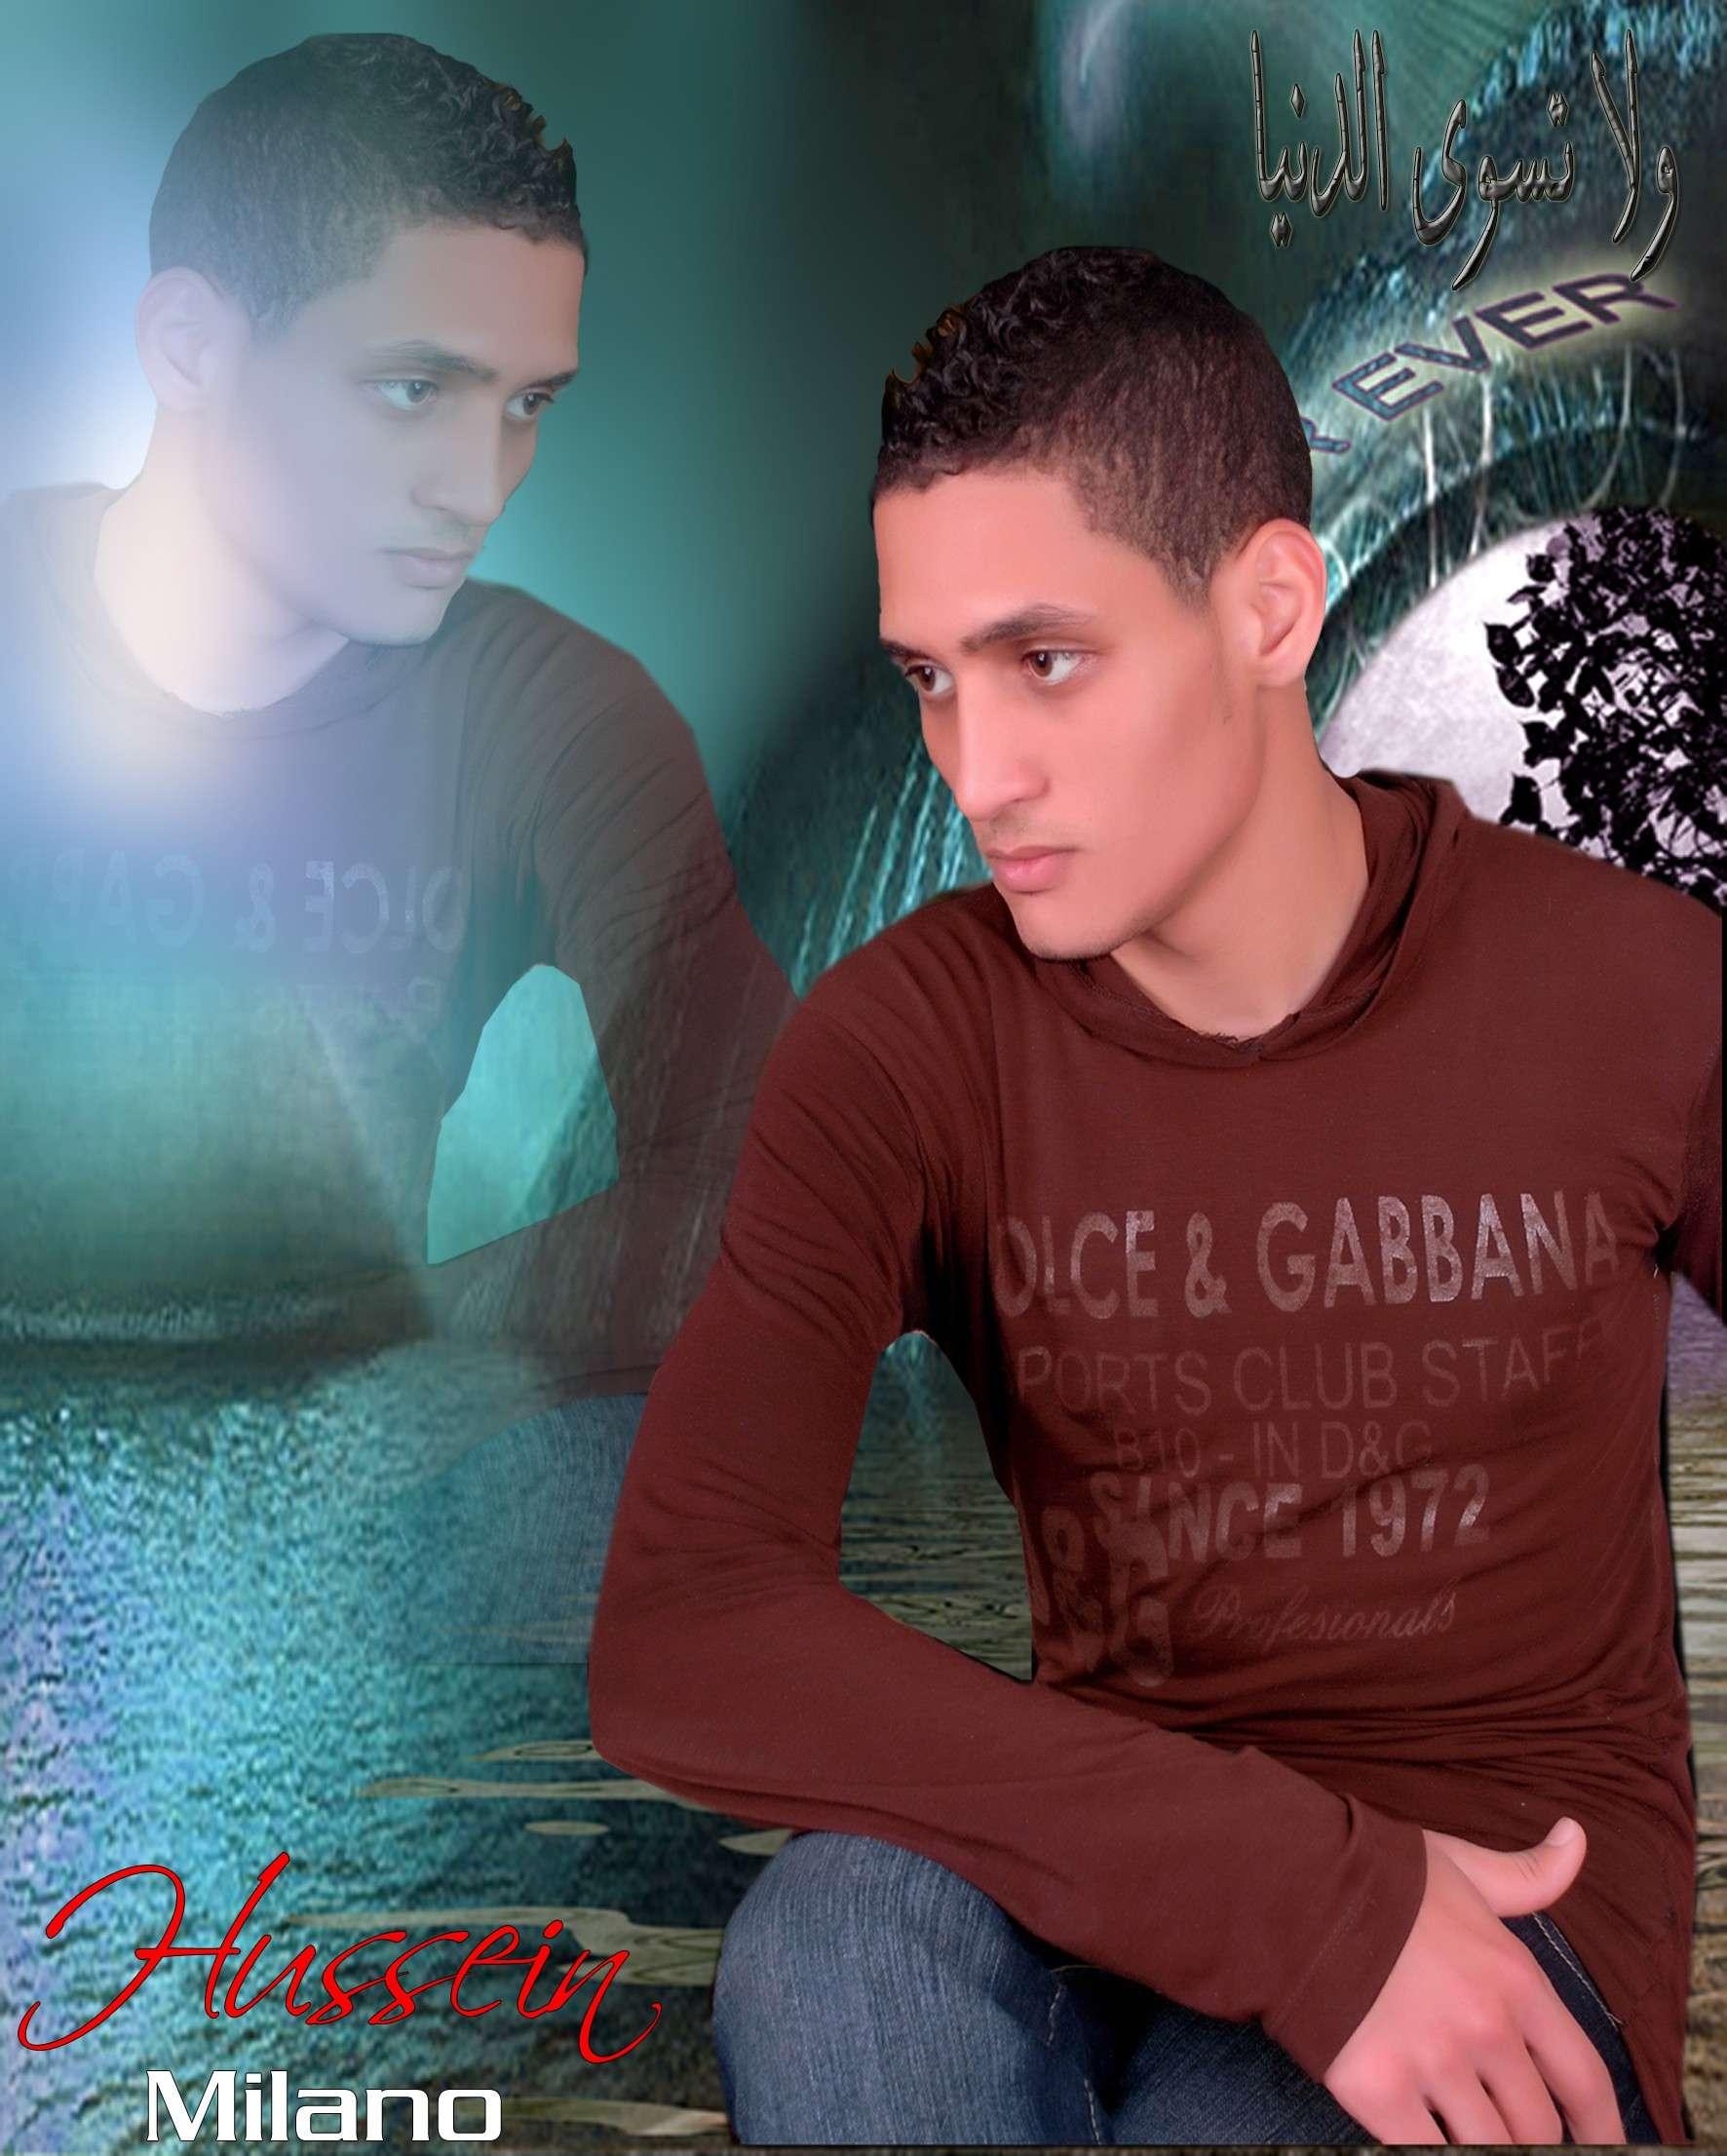 صور جديده من تصميمى عاوز رايكوم